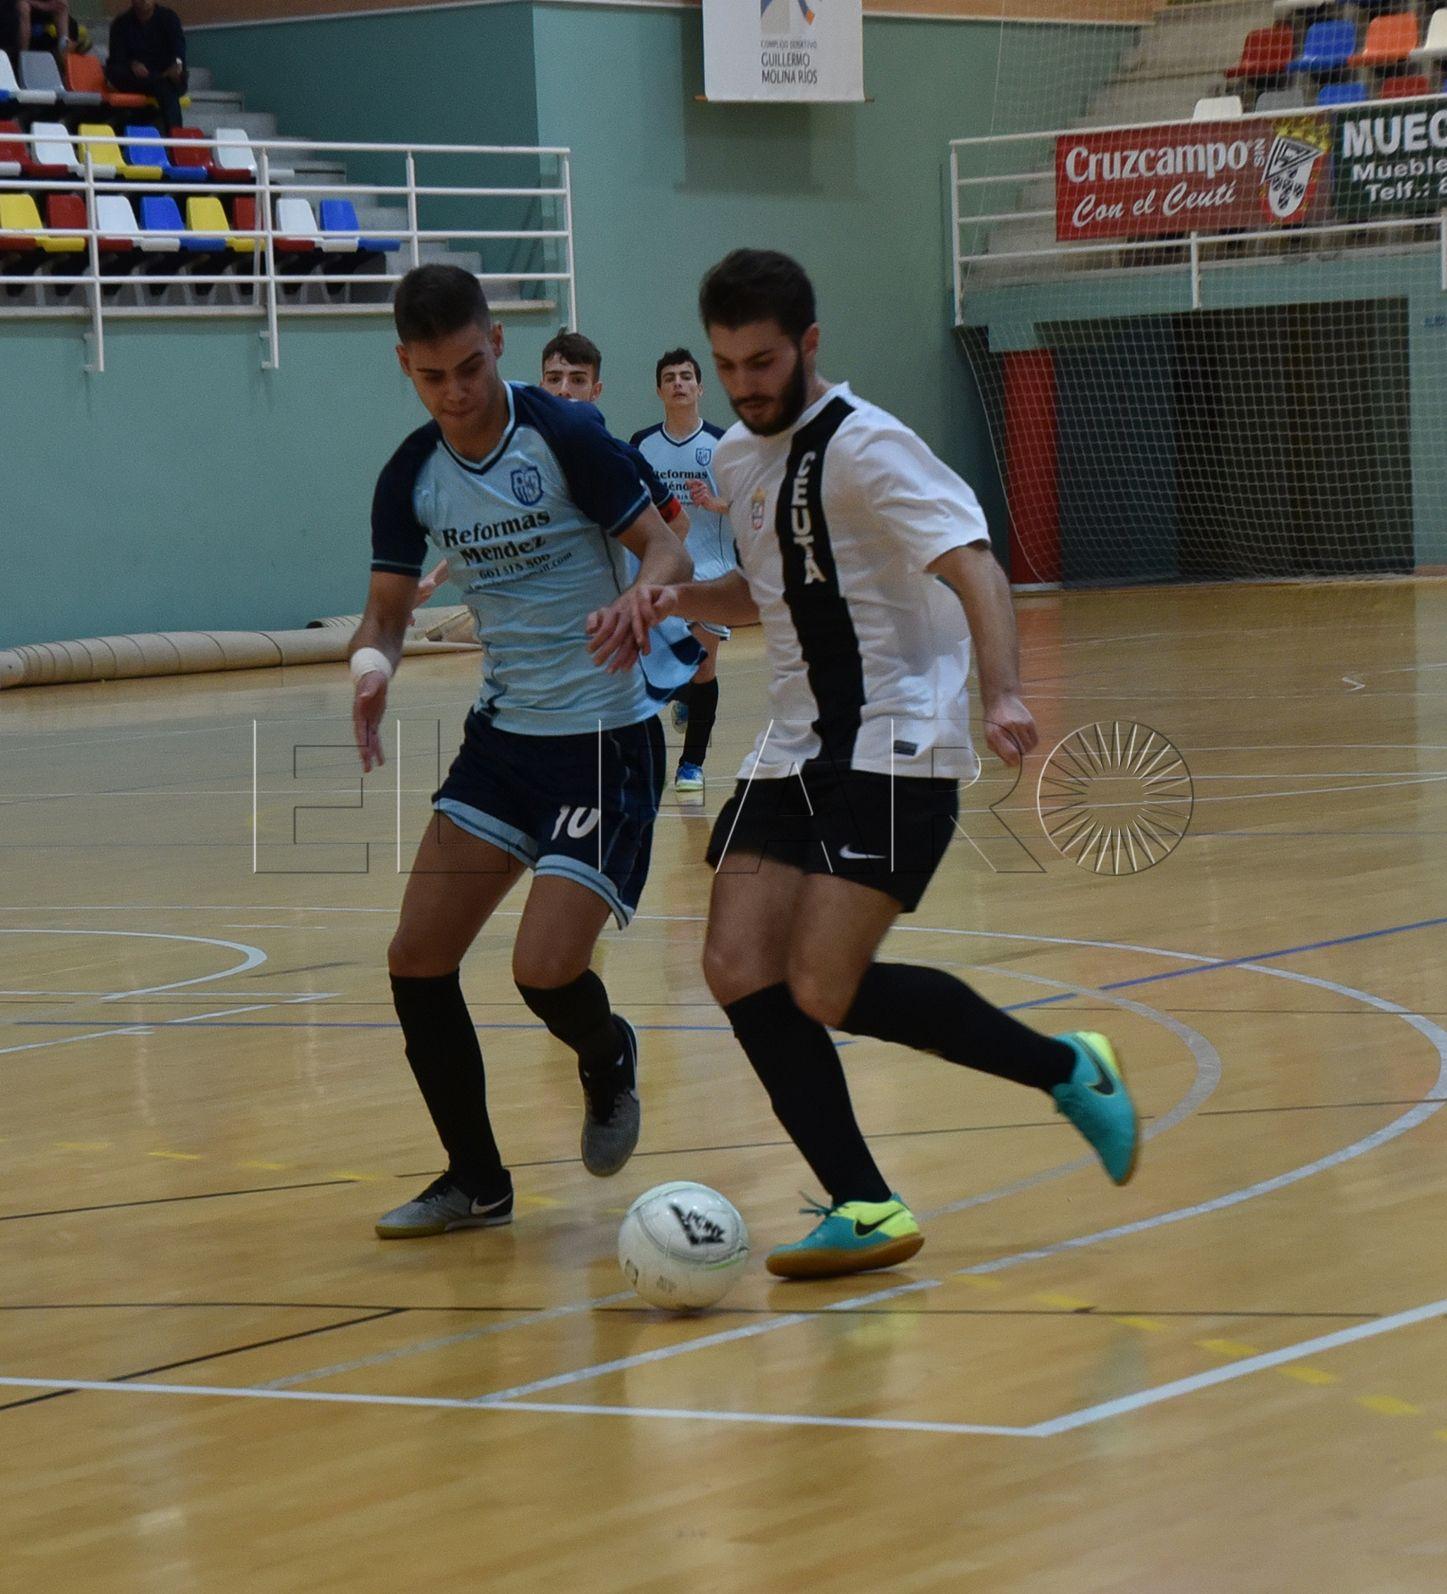 El Deportivo Ceutí juega el aplazado